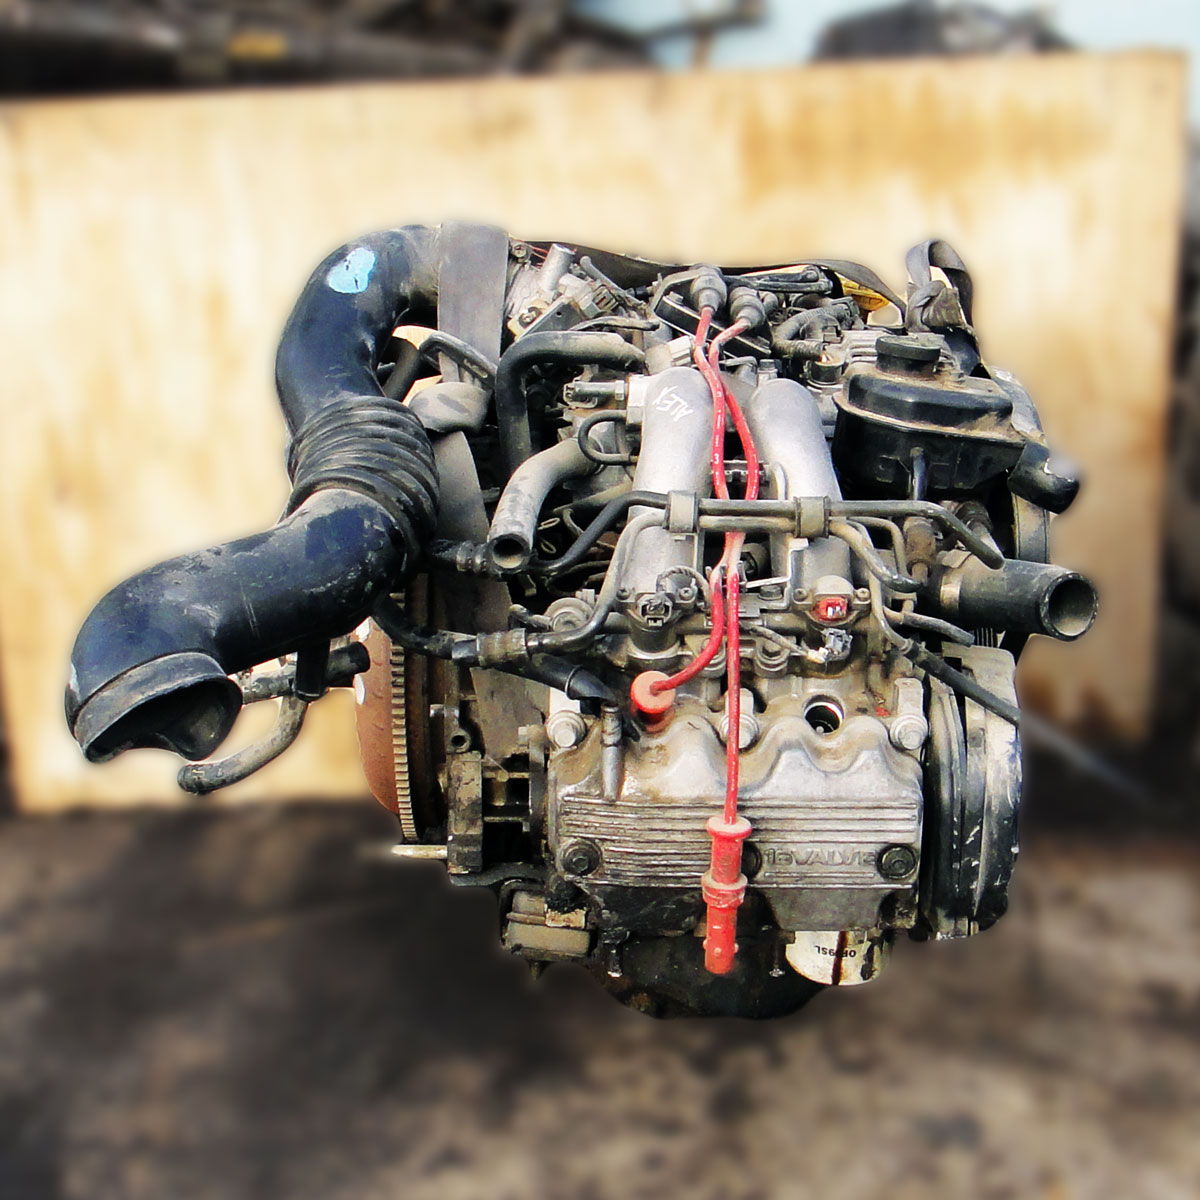 Стоит ли покупать контрактный двигатель из японии? - пилотов.нет